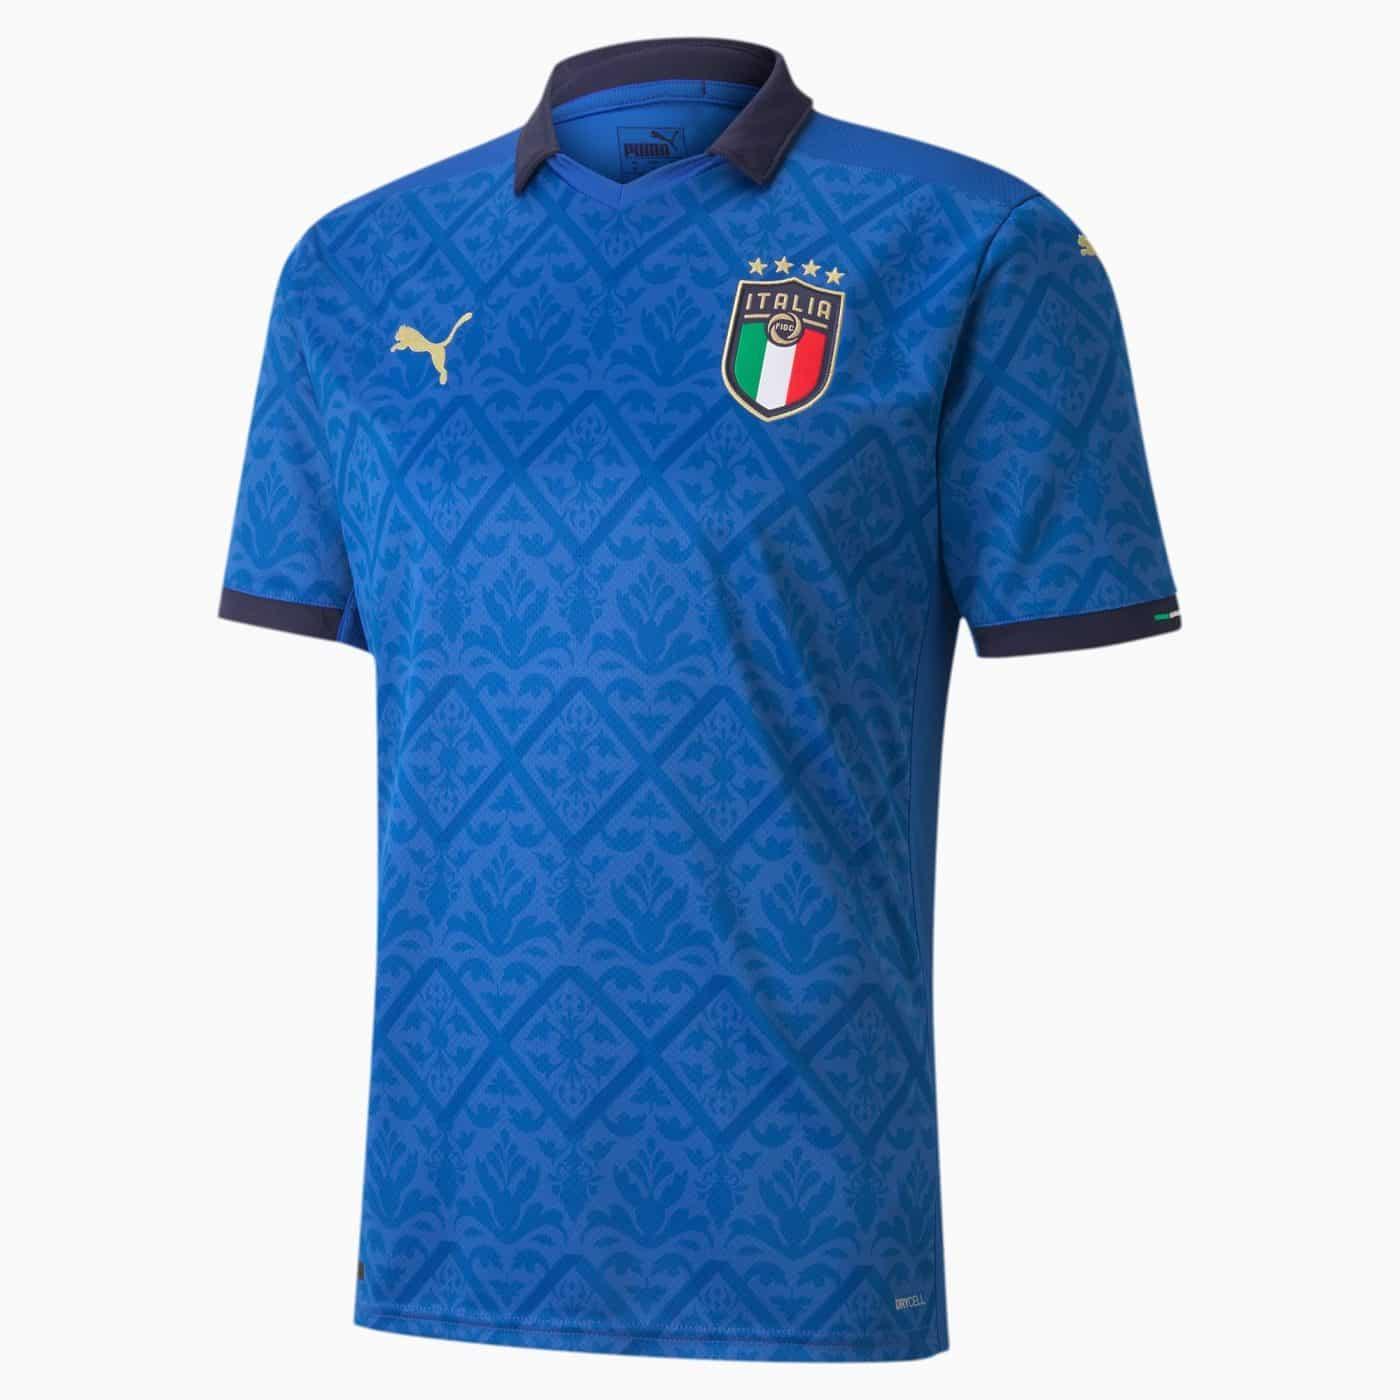 Maillot domicile Italie Euro 2020 PUMA